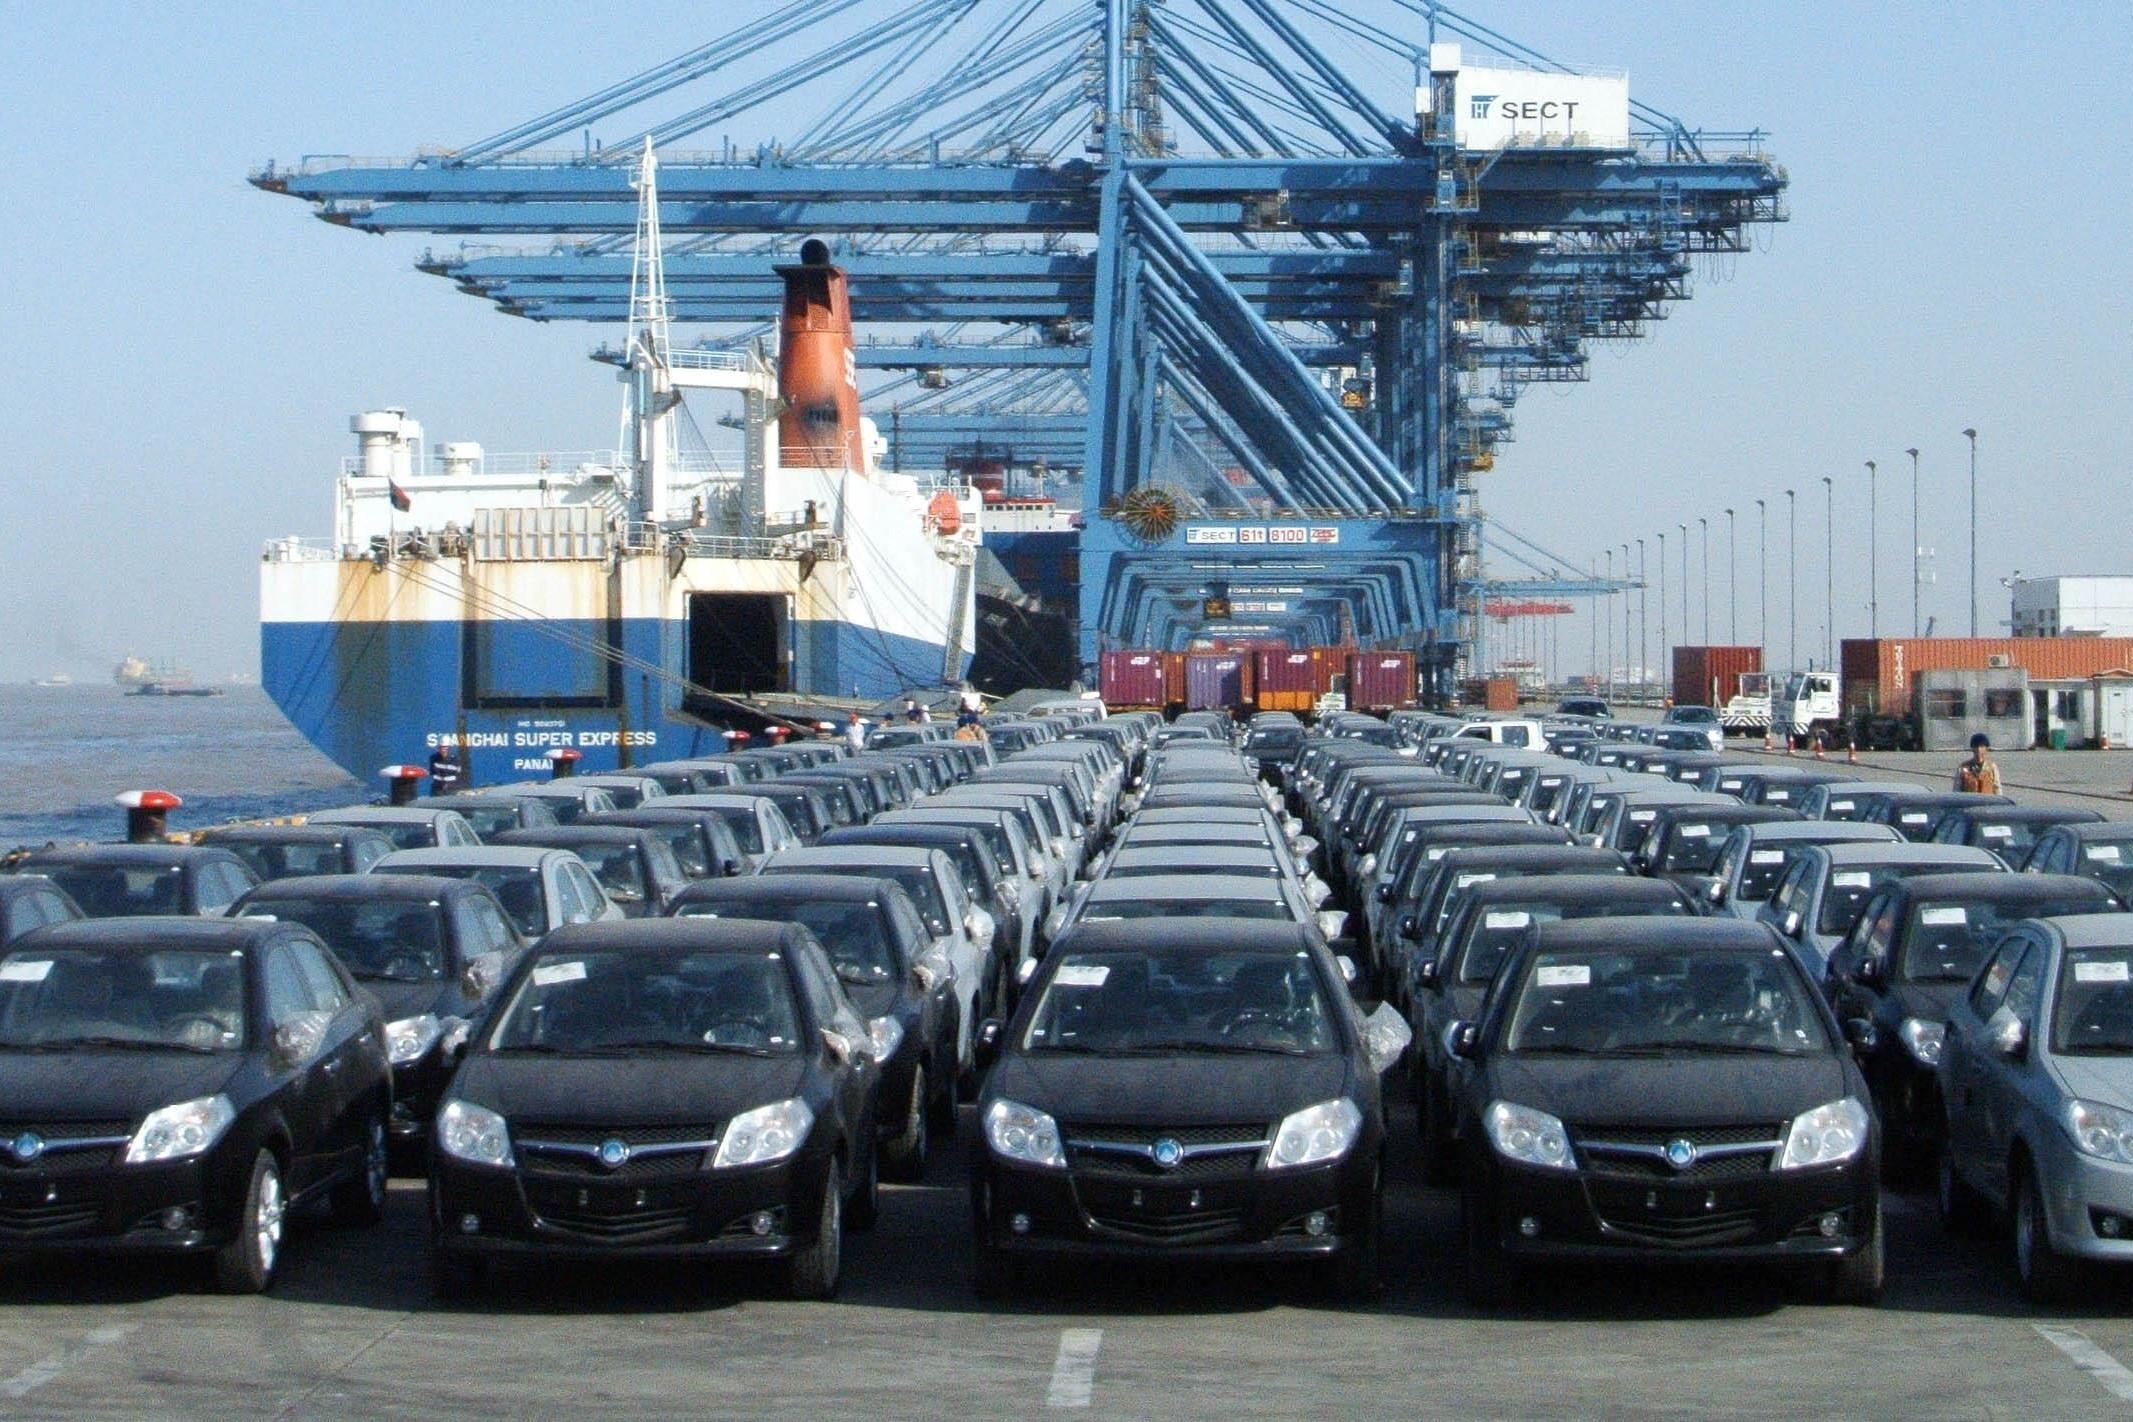 سفير الاتحاد الأوروبي : مصر ستخفض التعريفة الجمركية على السيارات إلى صفر